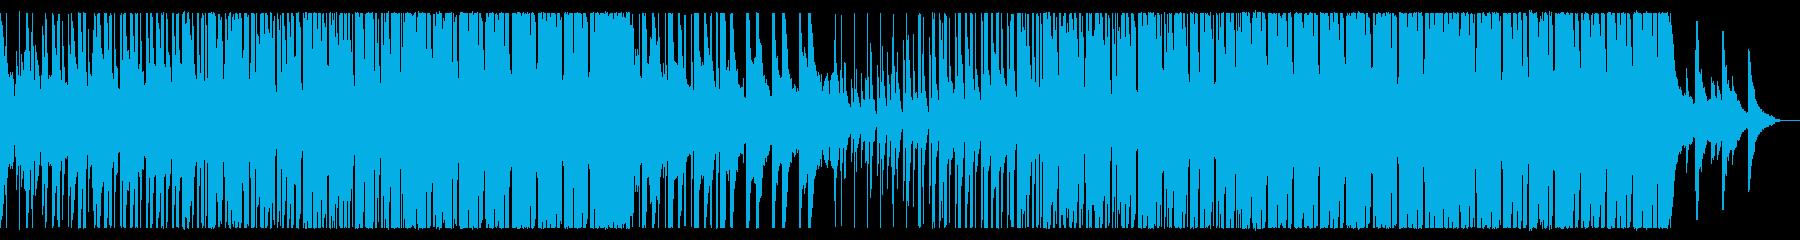 夏を感じる爽やかなトロピカルハウスEDMの再生済みの波形